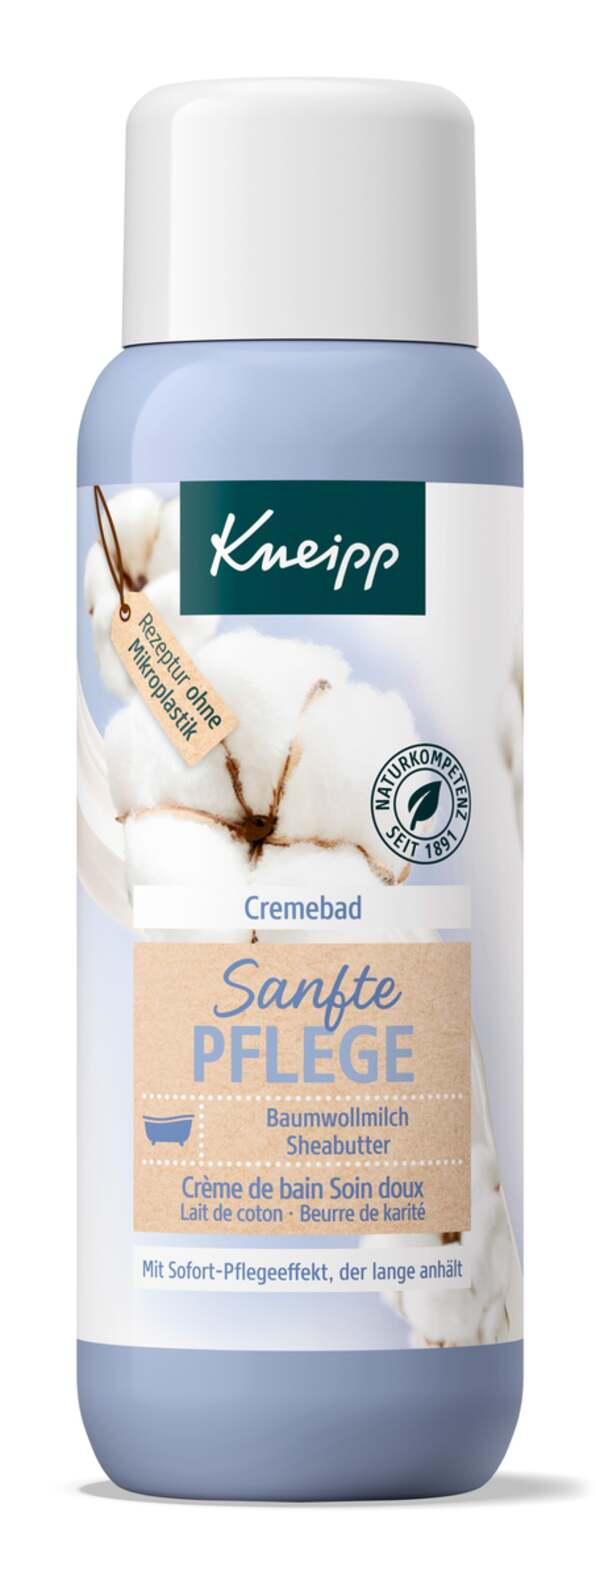 Kneipp Cremebad Sanfte Pflege Baumwollmilch, Sheabutter